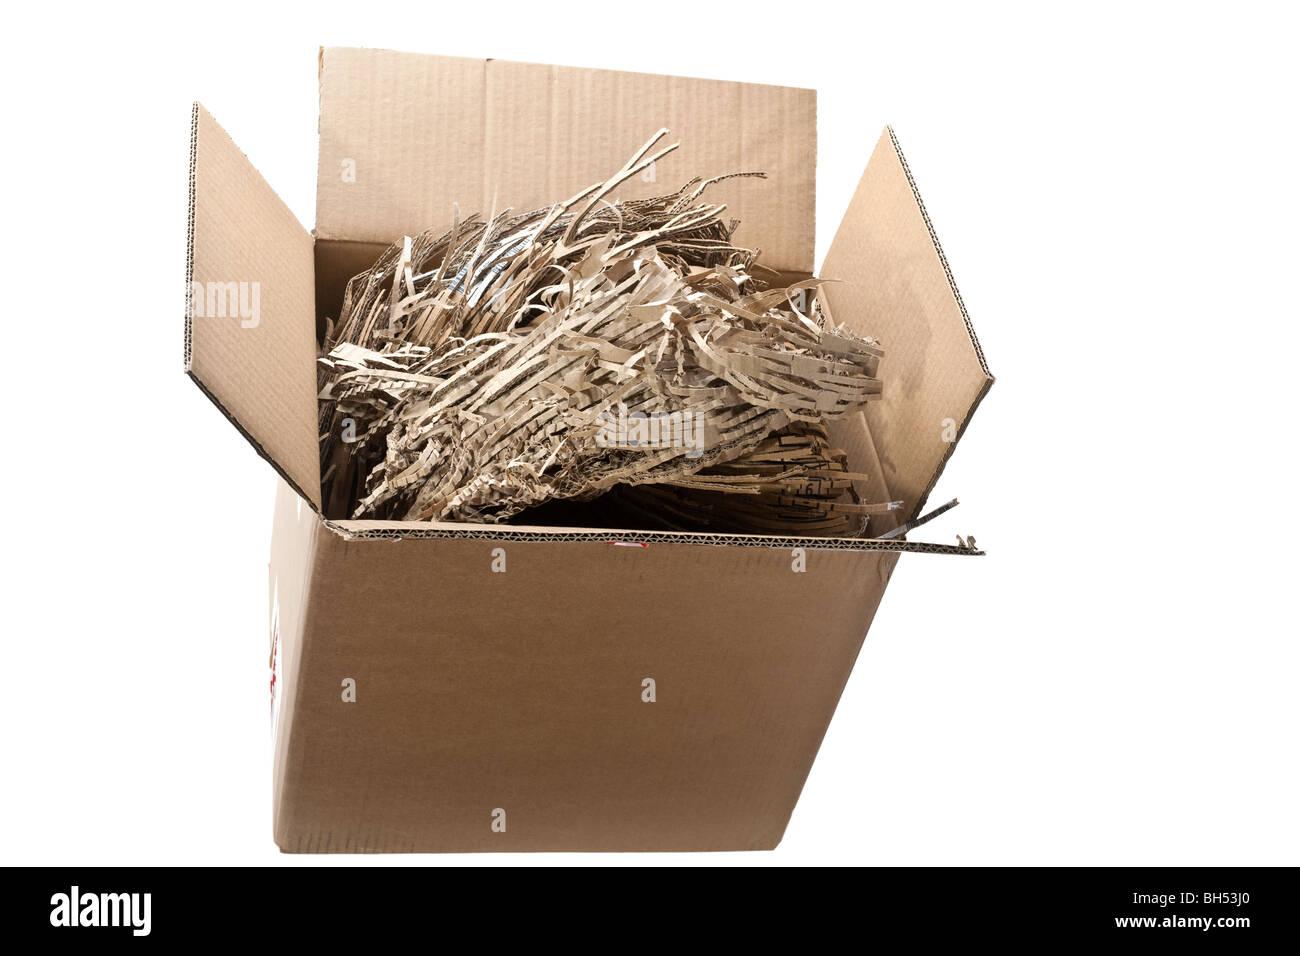 Caja de cartón lleno de pedazos de cartón material de embalaje reciclados Imagen De Stock